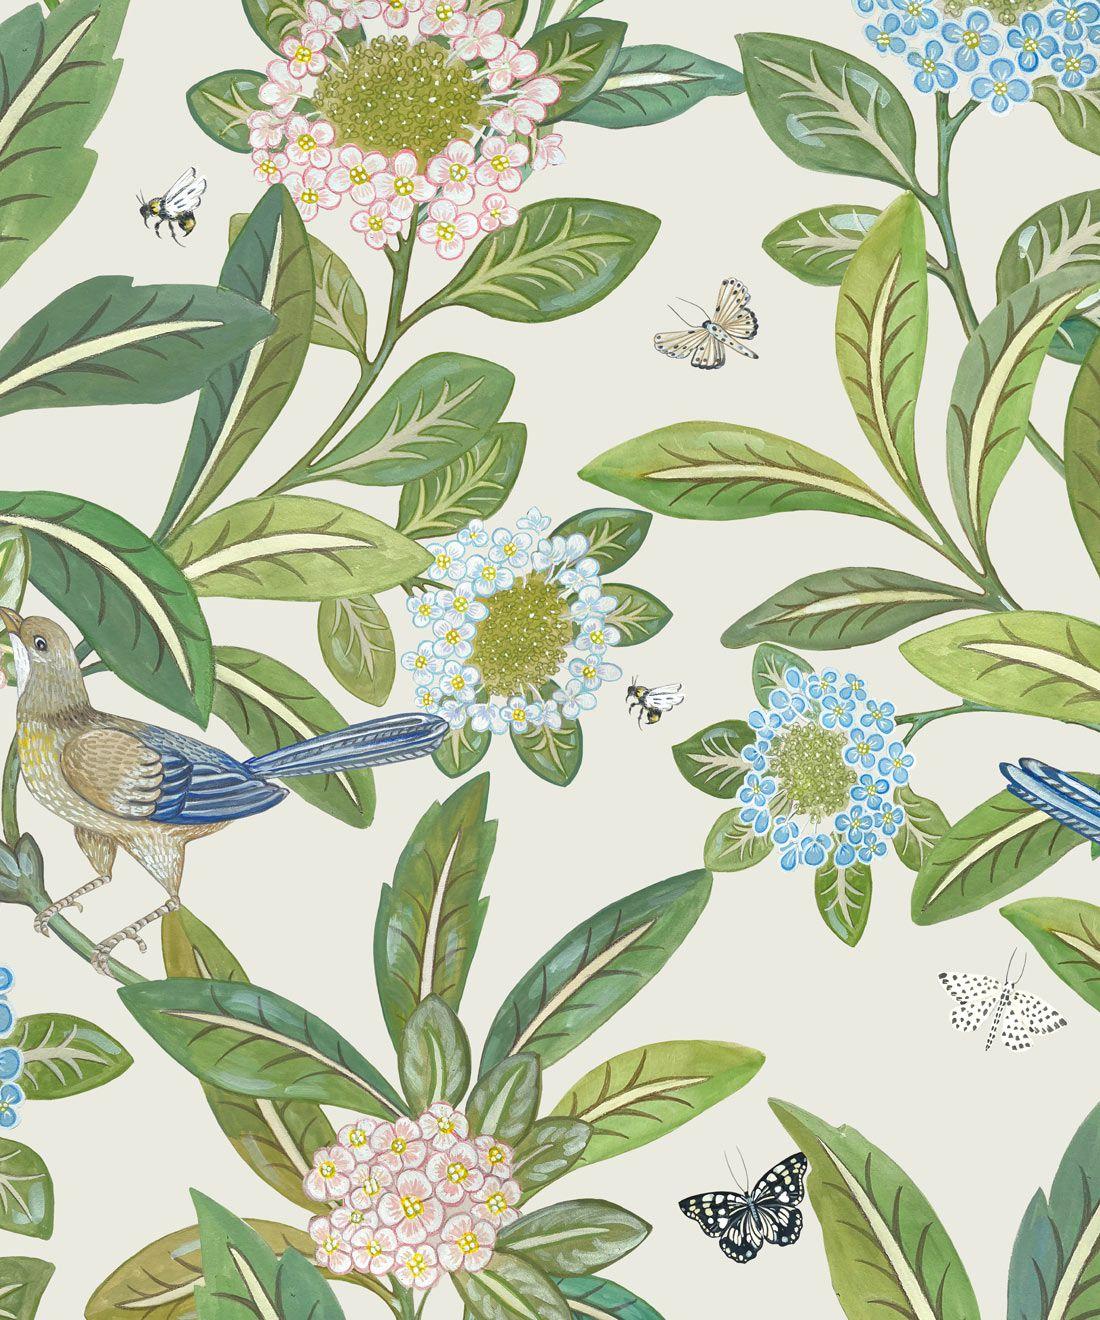 Summer Garden Wallpaper (Two Roll Set)